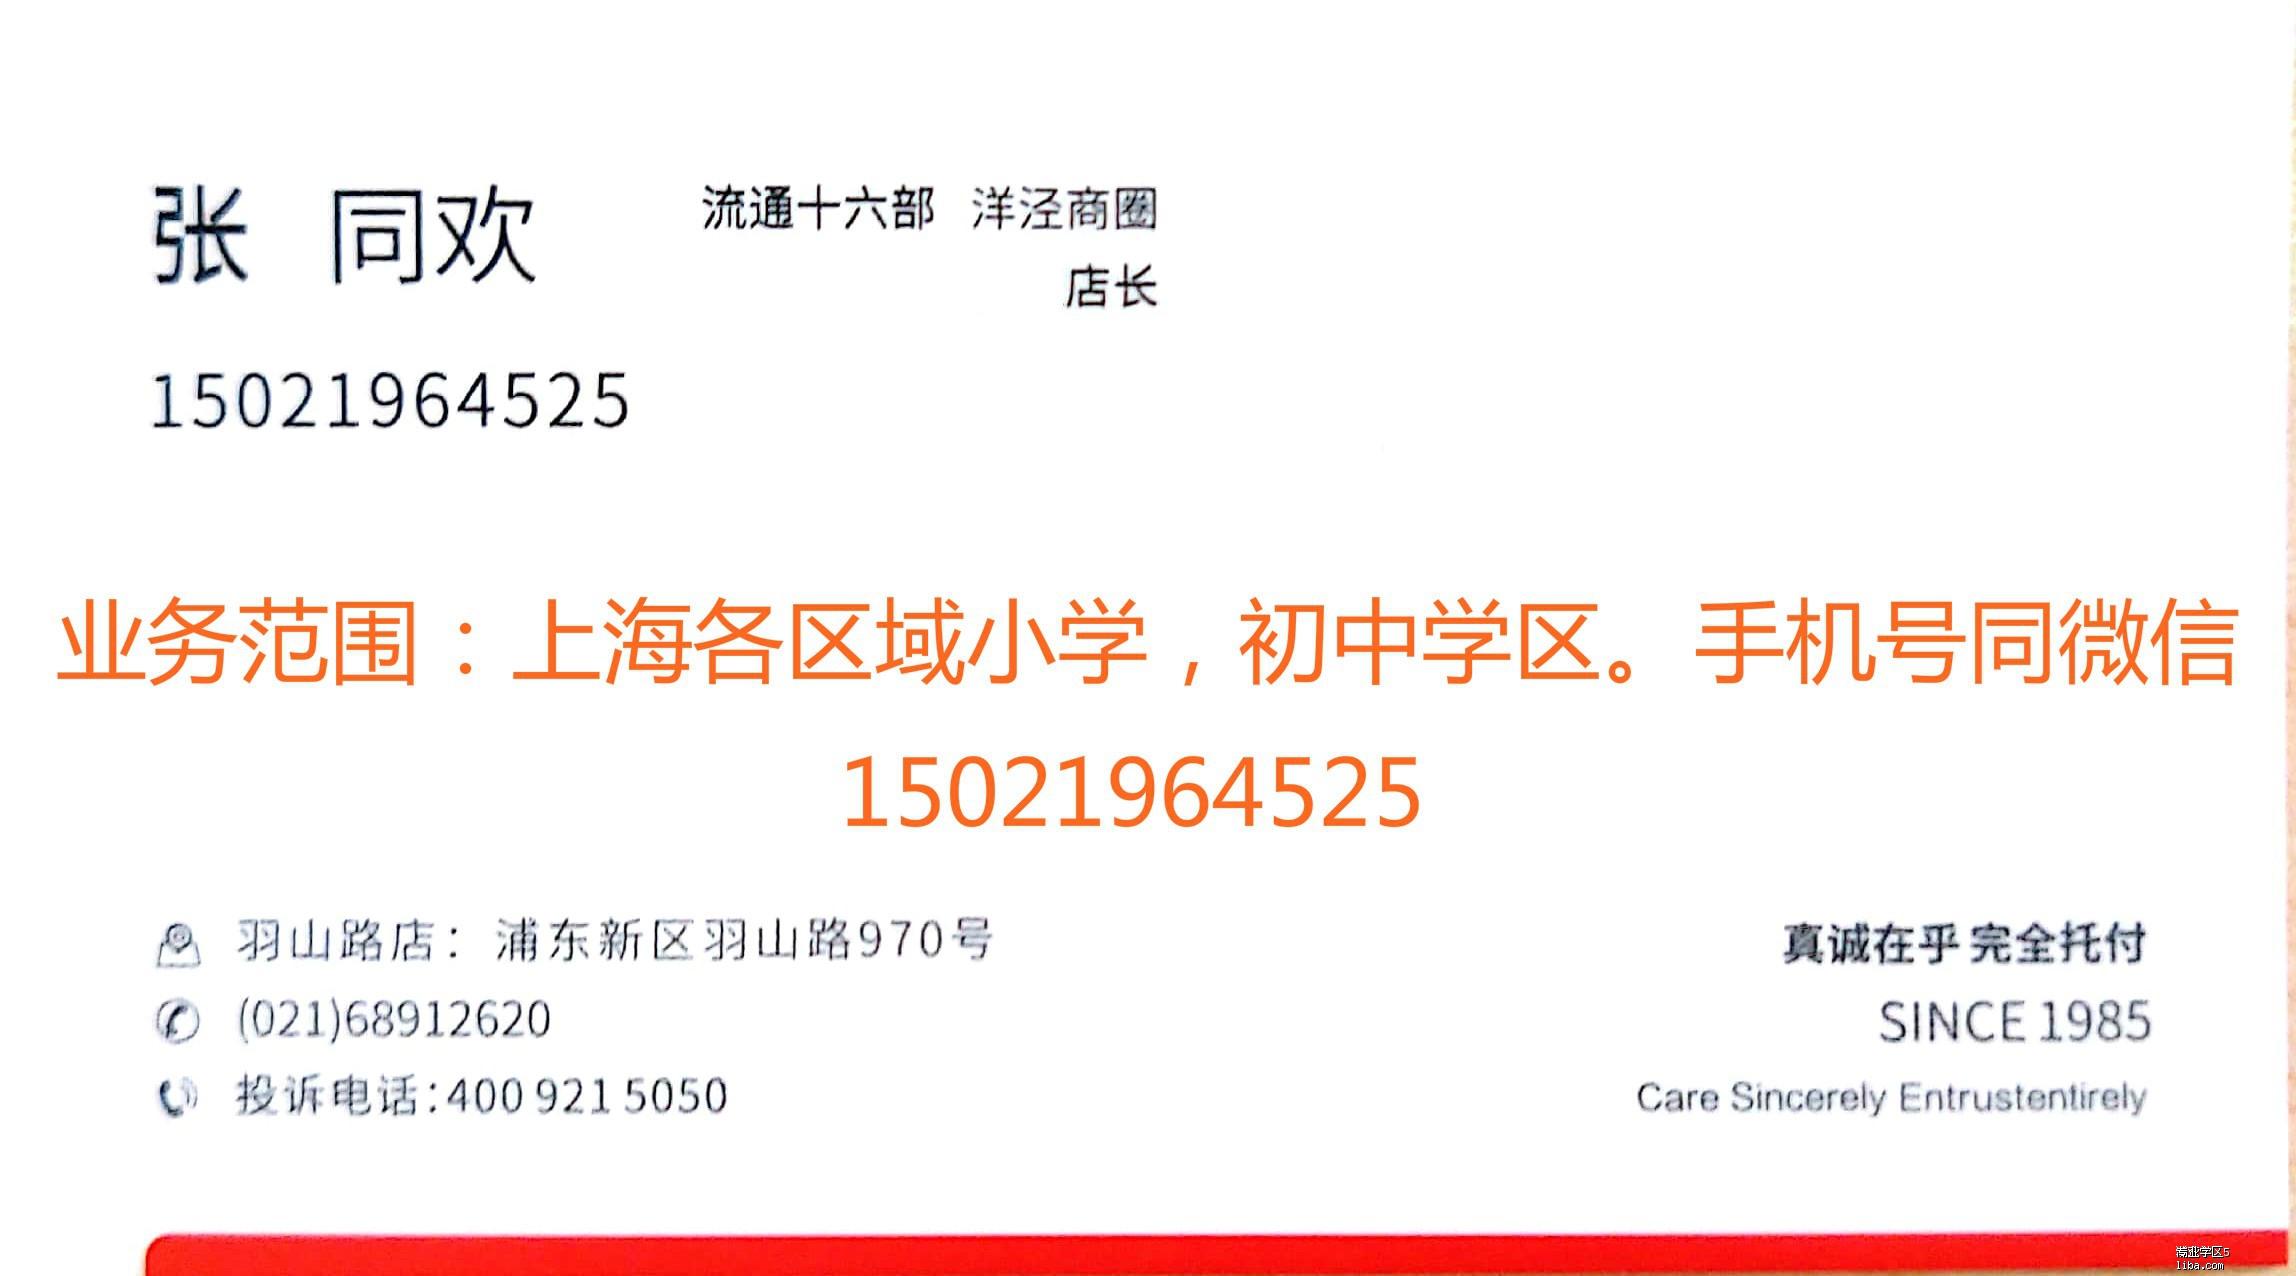 49821857.jpg